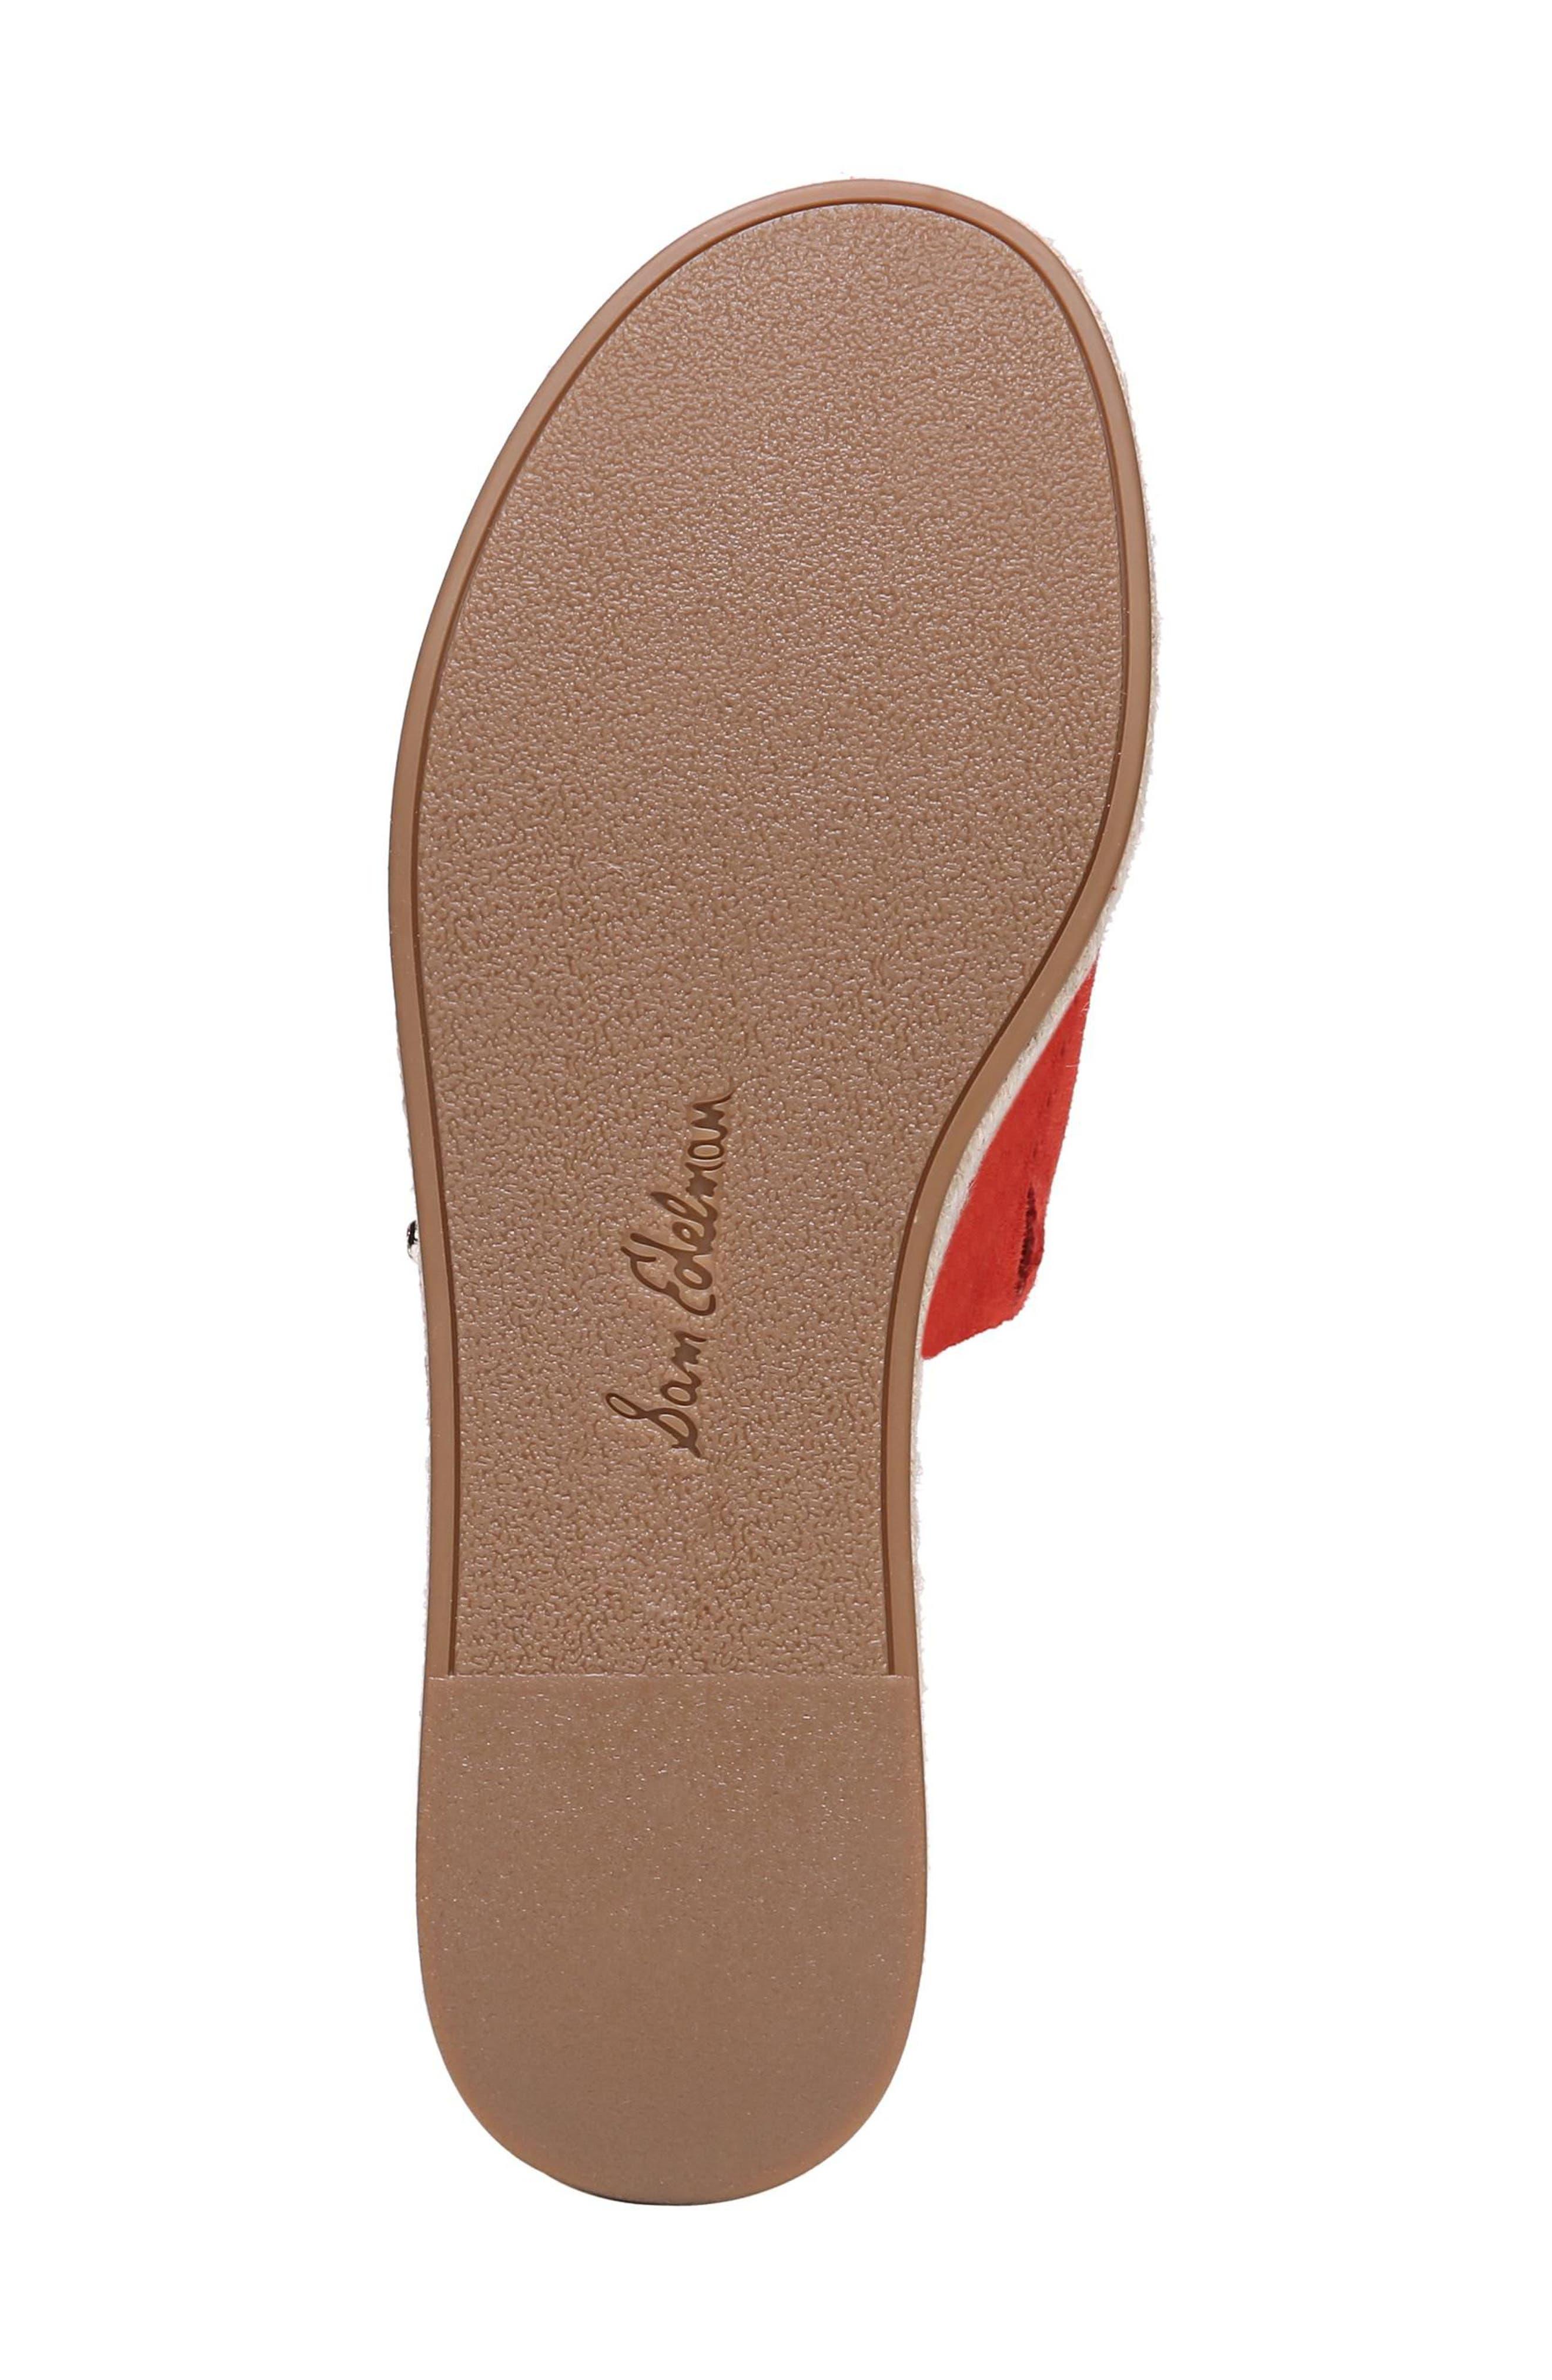 Weslee Platform Slide Sandal,                             Alternate thumbnail 6, color,                             Candy Red Suede